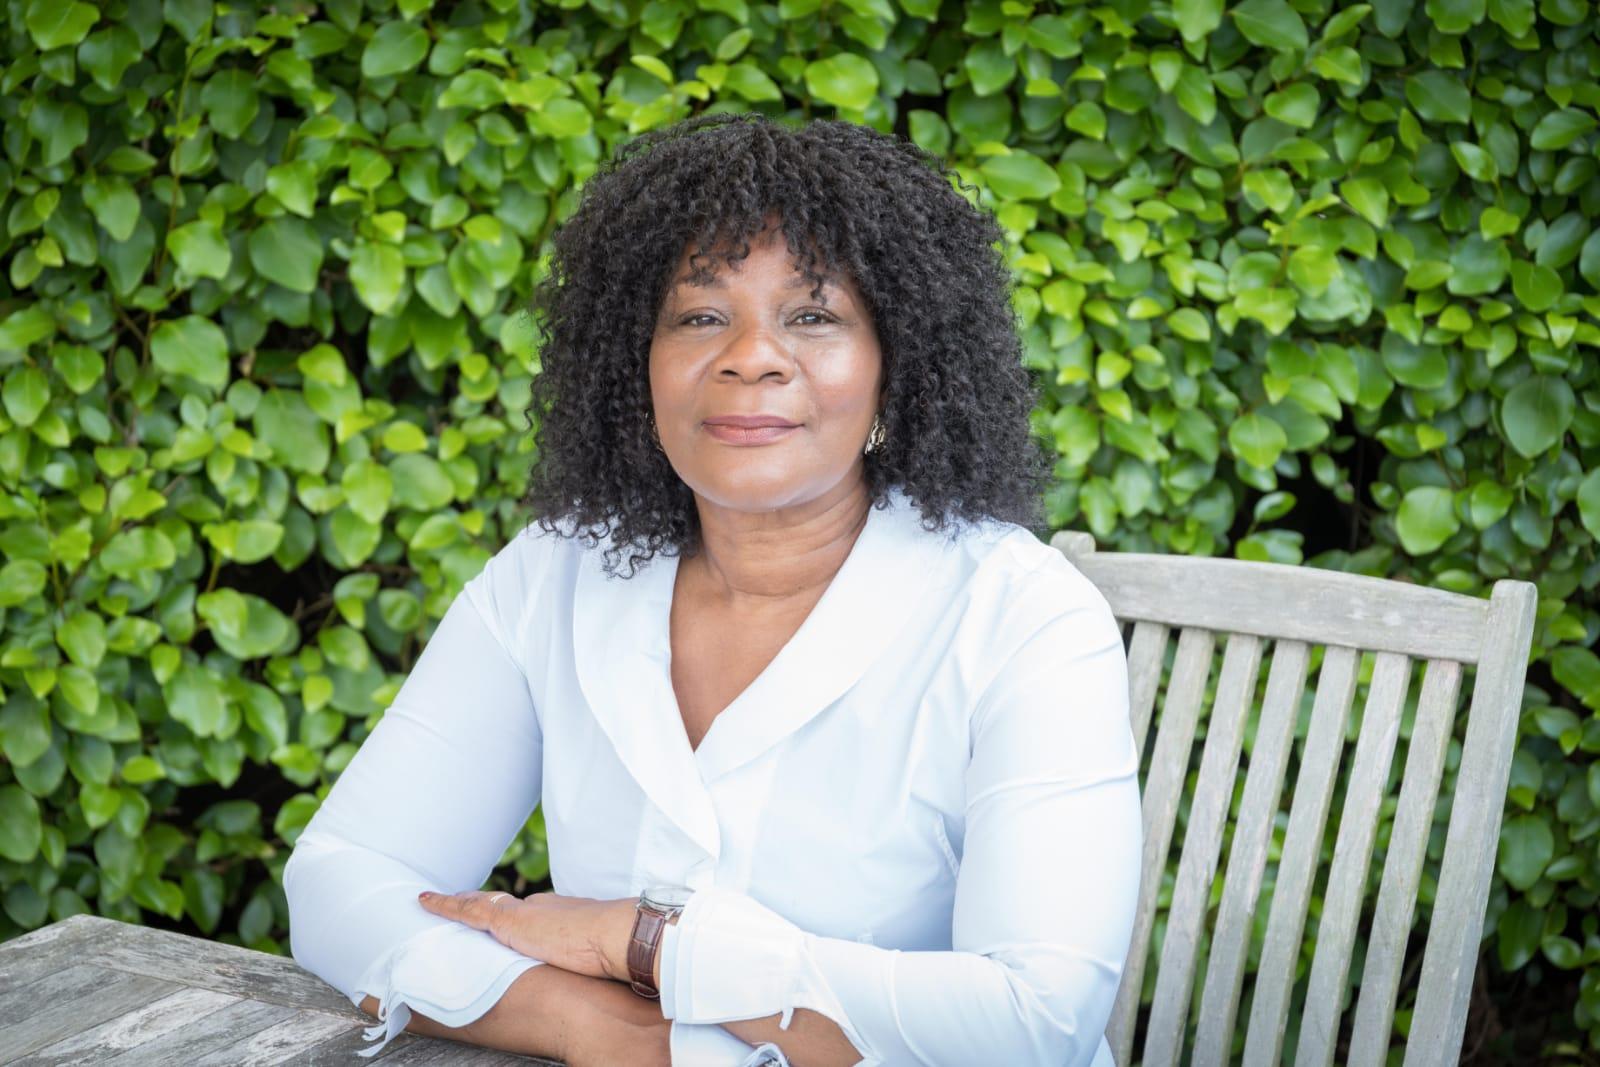 Carmen Rodney